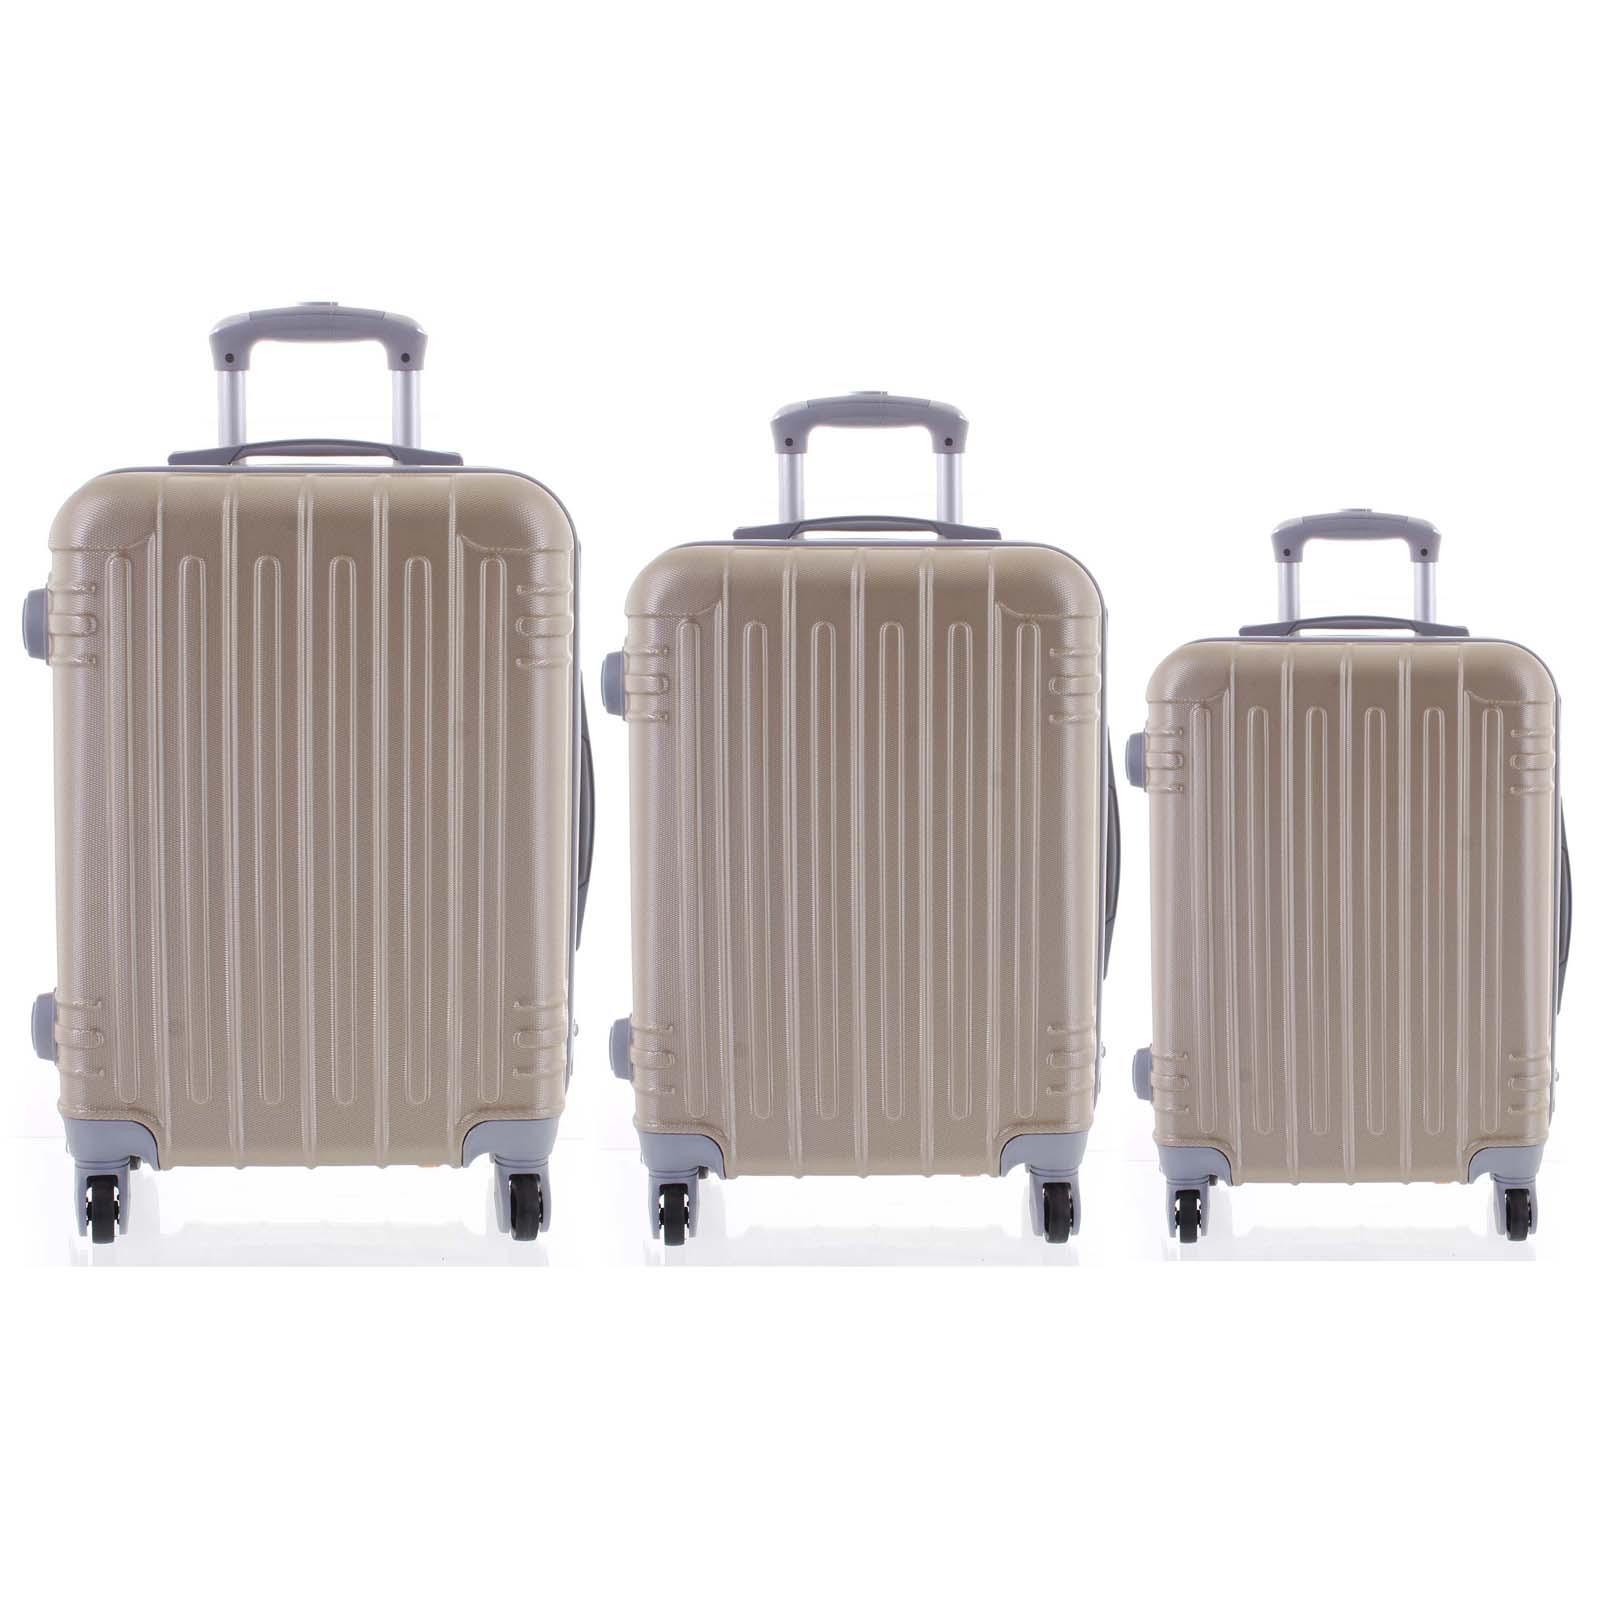 Moderní zlatý skořepinový cestovní kufr sada - Ormi Dopp S, M, L